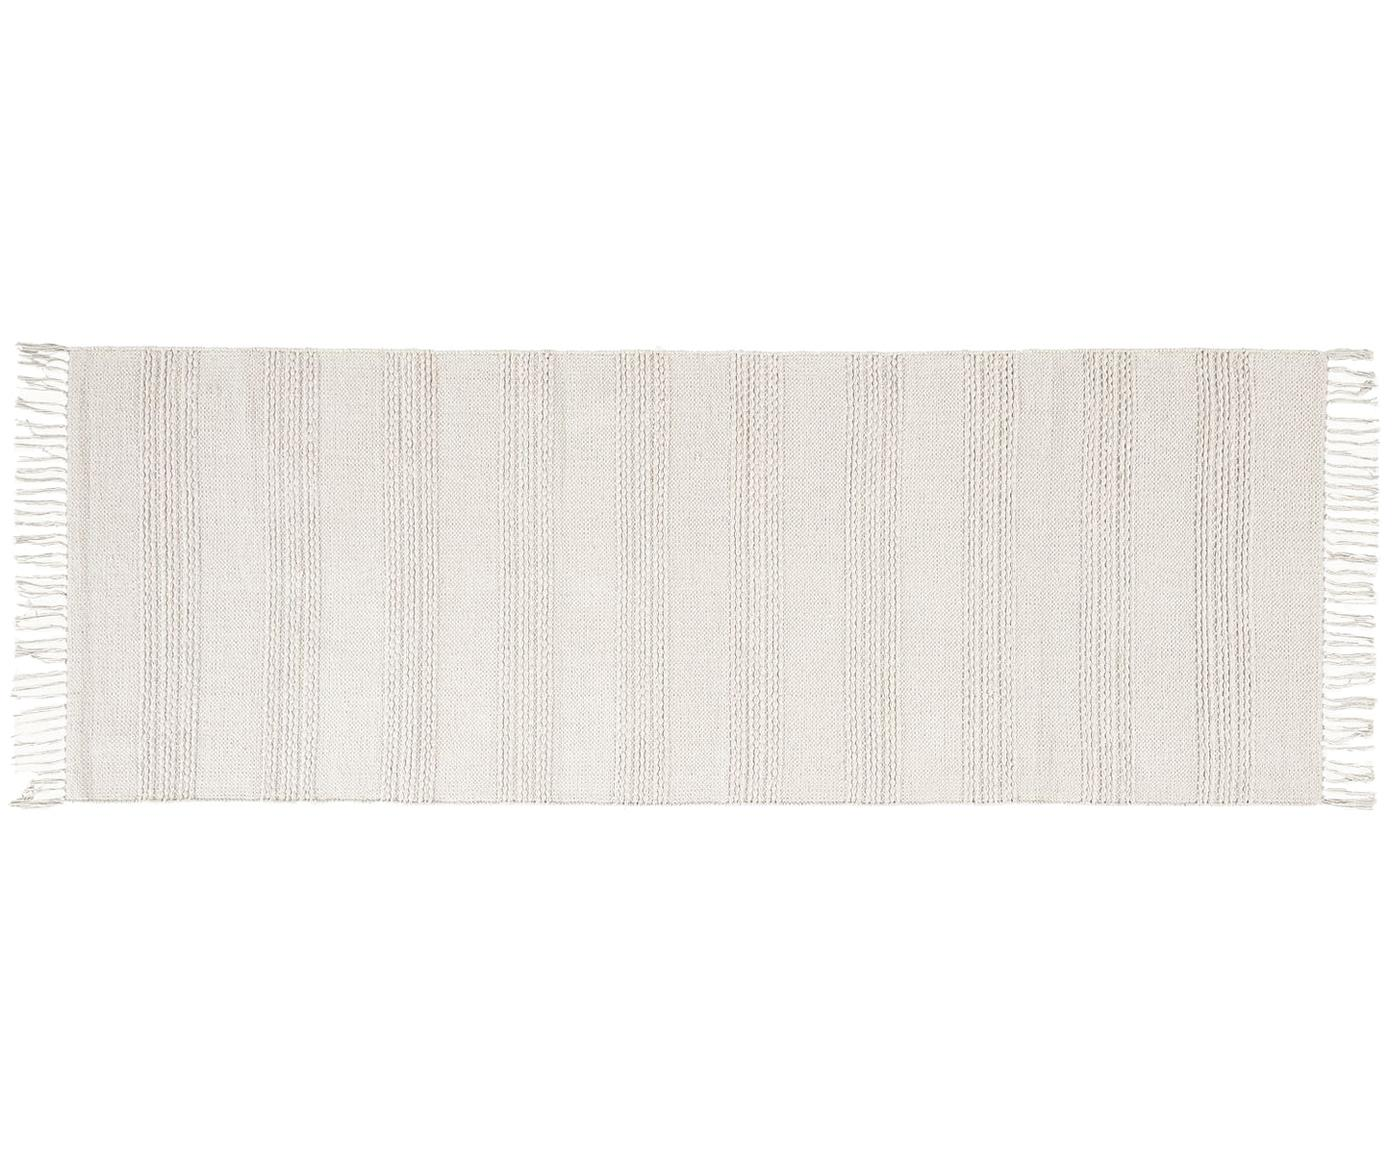 Chodnik z frędzlami Vanya, Bawełna, Biały, S 70 x D 200 cm